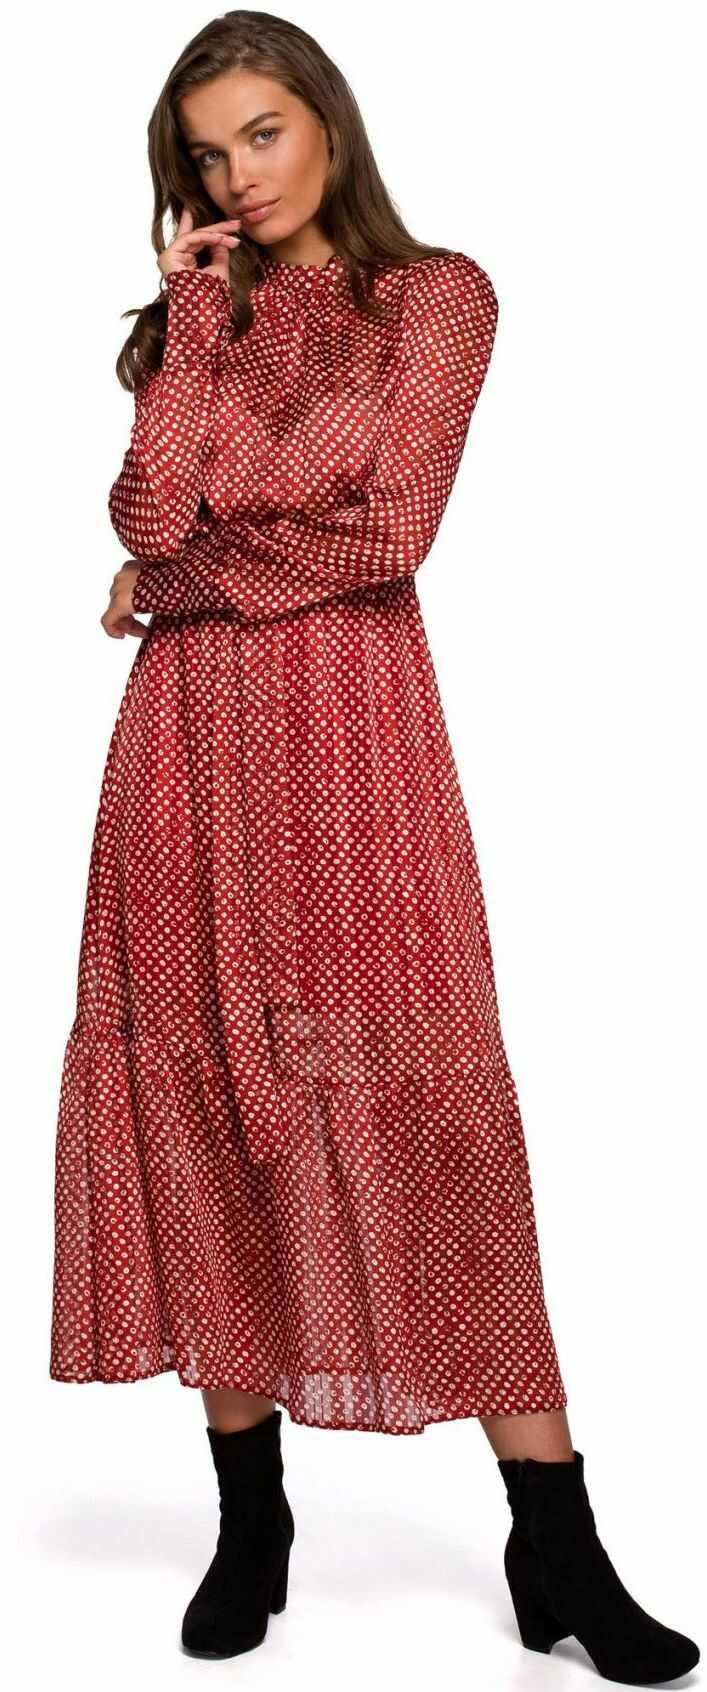 S238 Sukienka midi szyfonowa w groszki - model 2